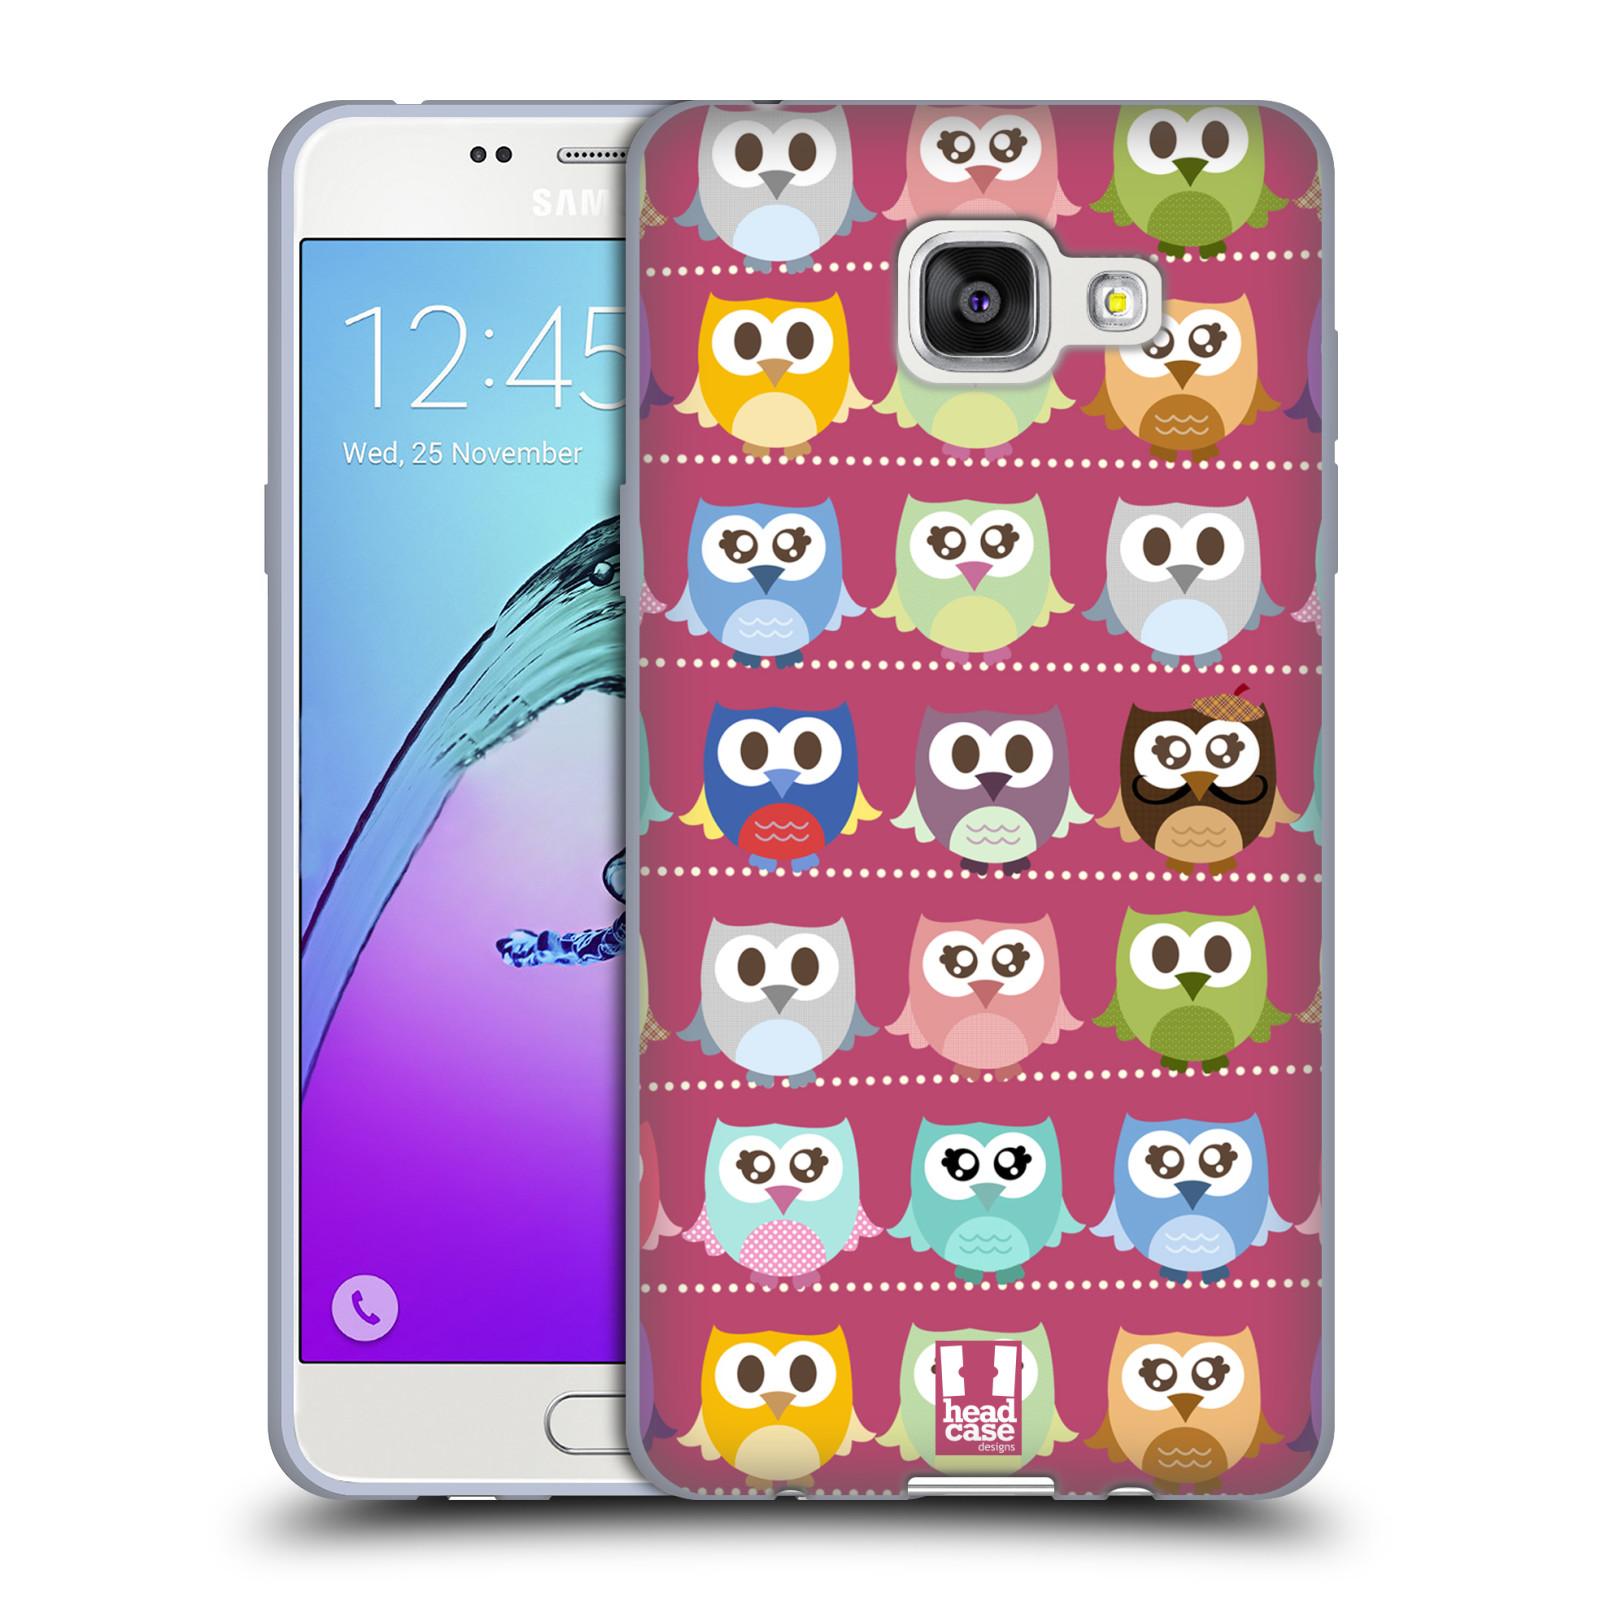 Silikonové pouzdro na mobil Samsung Galaxy A5 (2016) HEAD CASE SOVIČKY RŮŽOVÉ